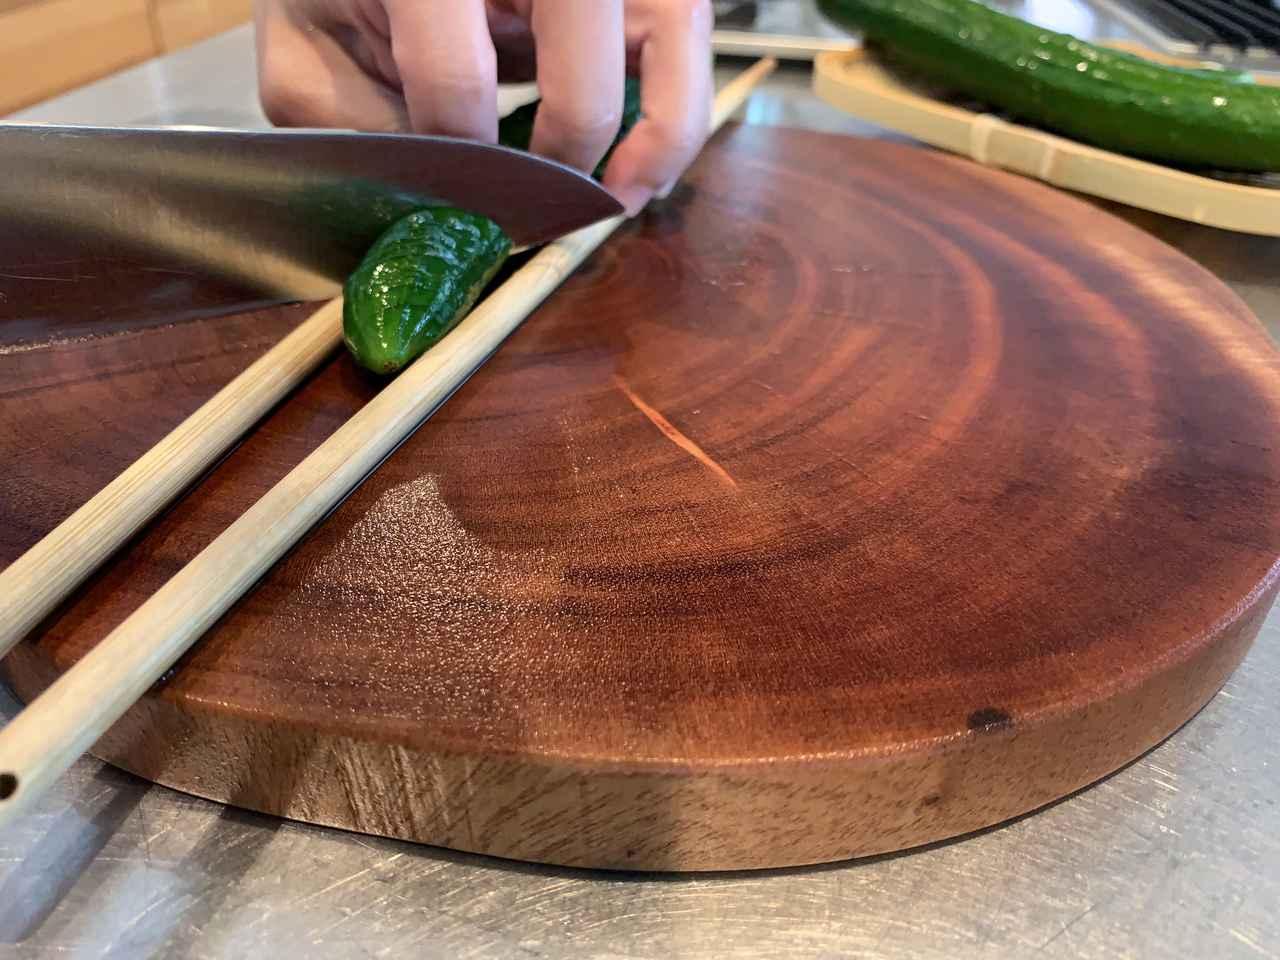 画像: 筆者撮影(菜箸できゅうりを挟むことで、下まで切りすぎるのを防ぎます)